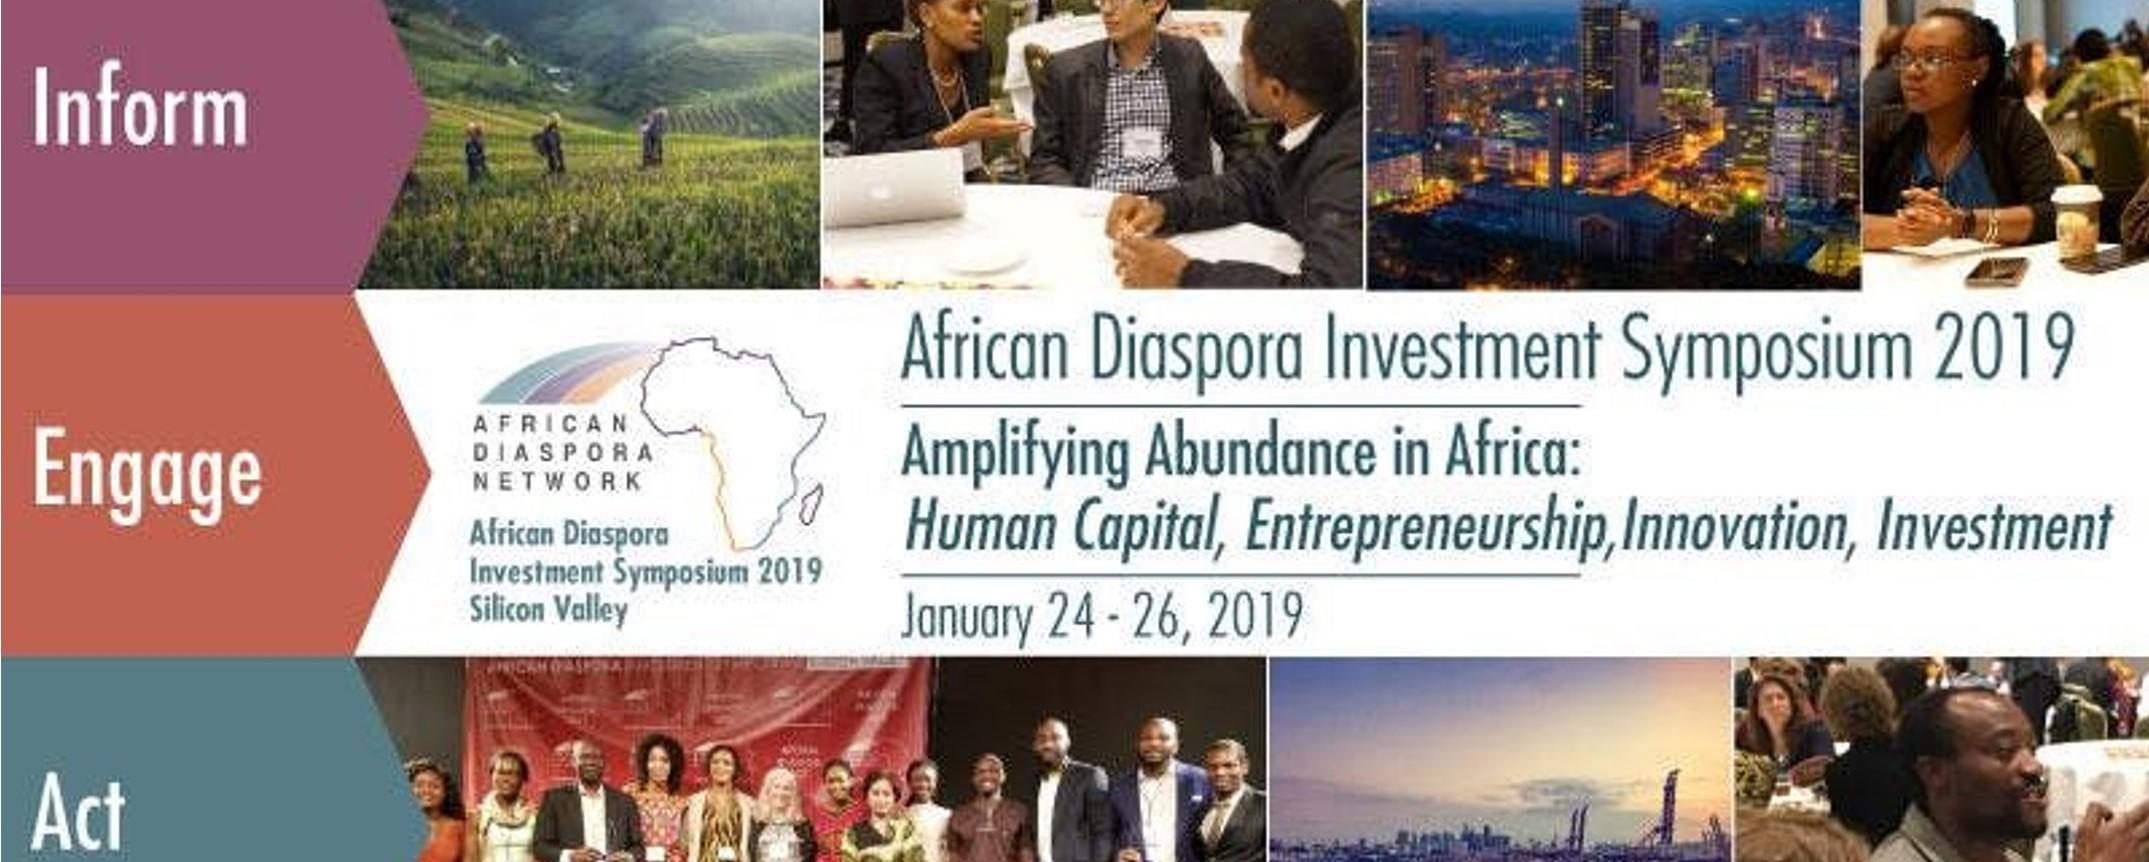 African Diaspora Network - The African Diaspora Investment Symposium 2019 (ADIS2019) Movemeback African event cover image